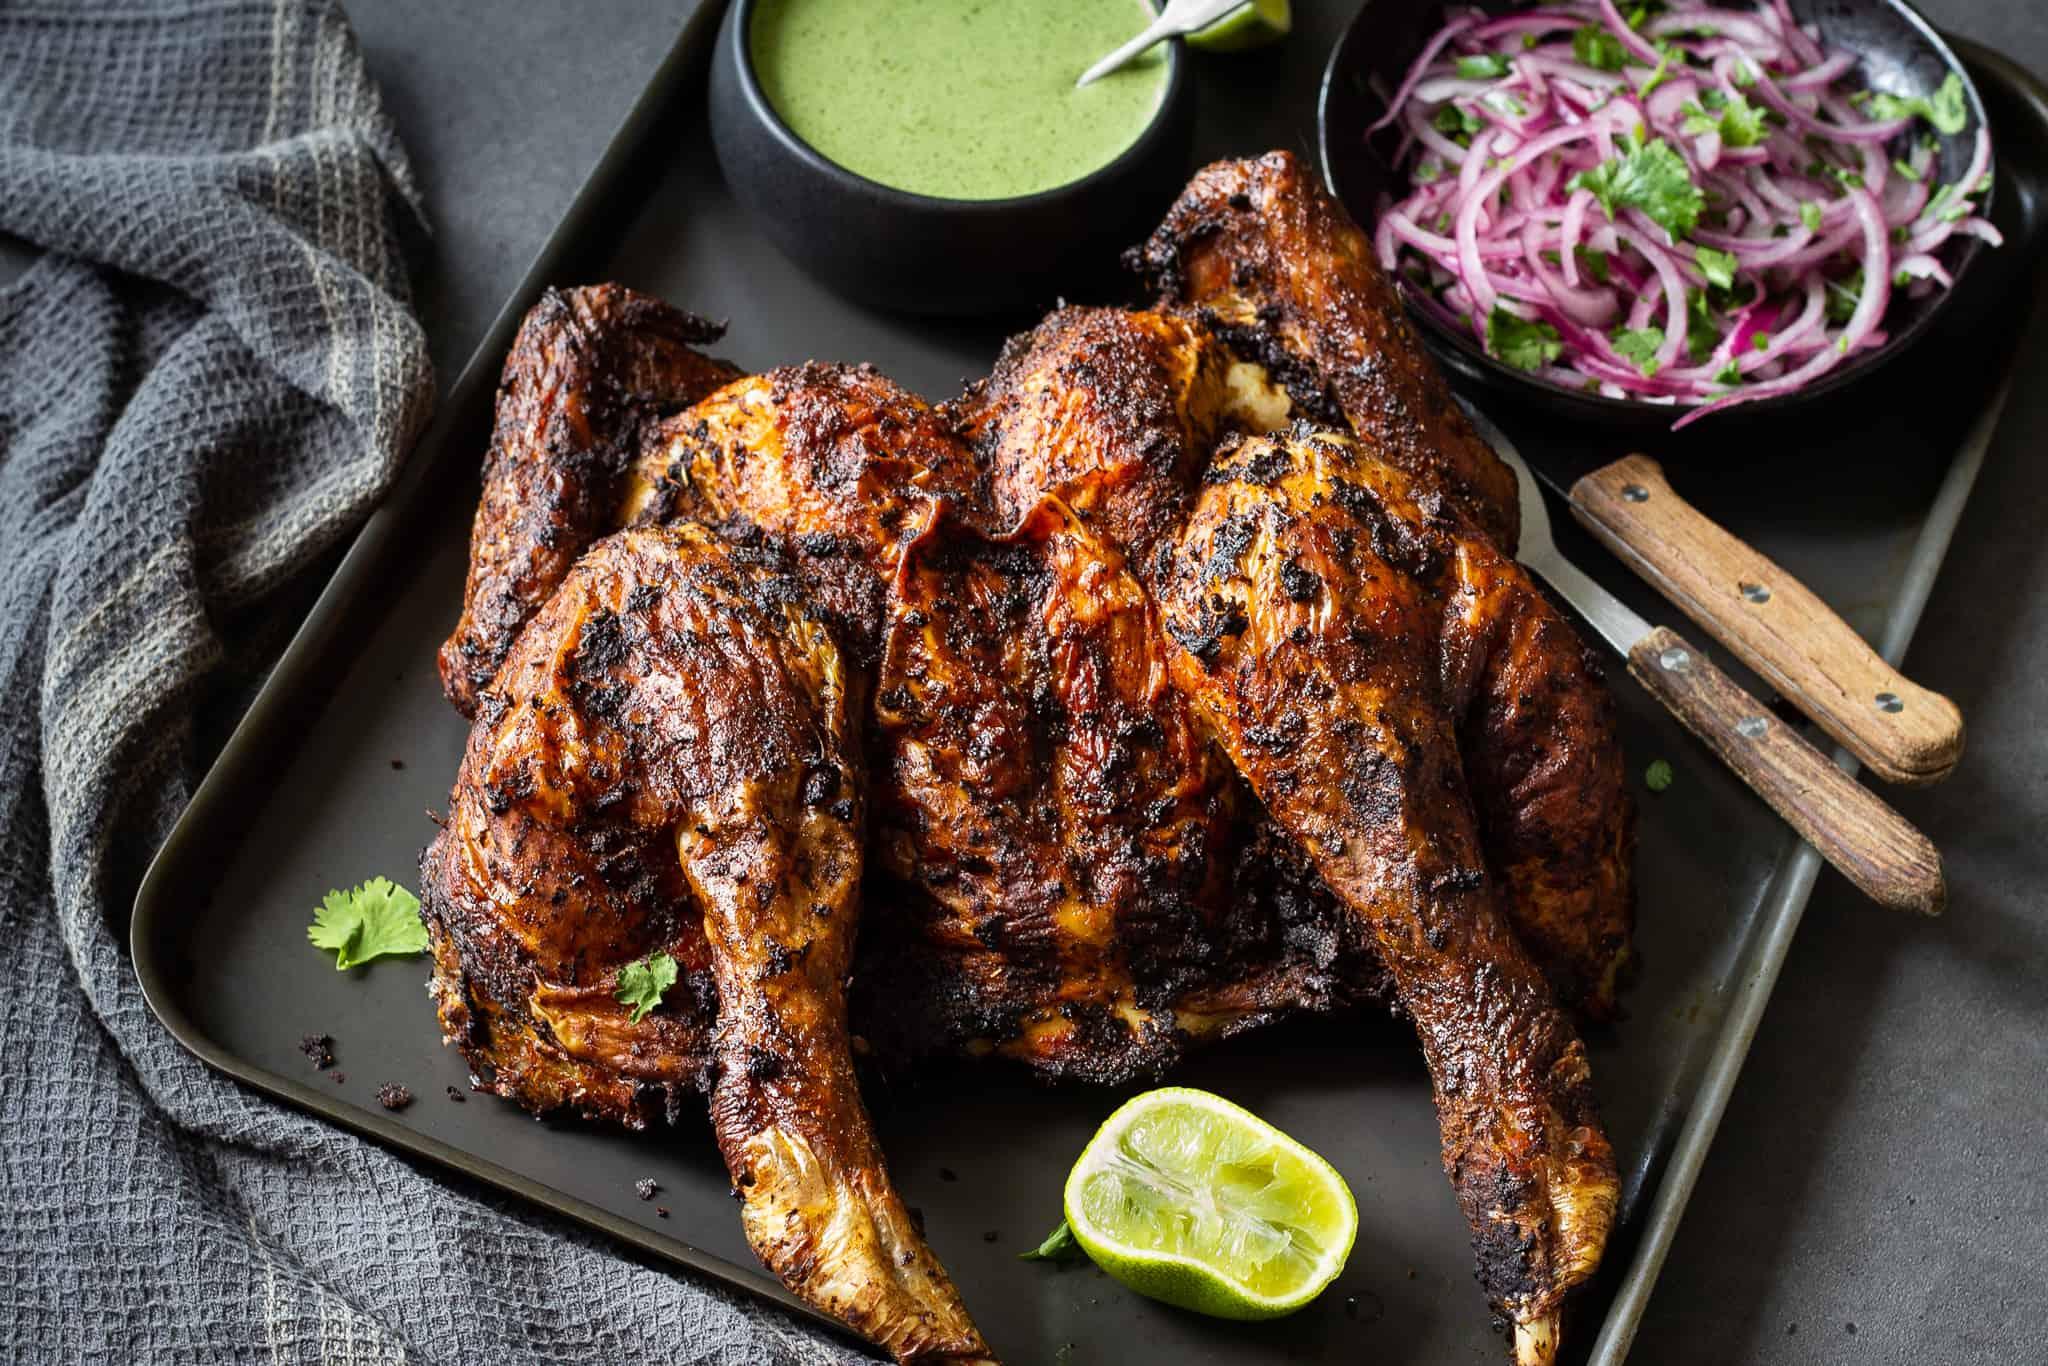 Peruvian Roast Chicken - Pollo a la Brassa